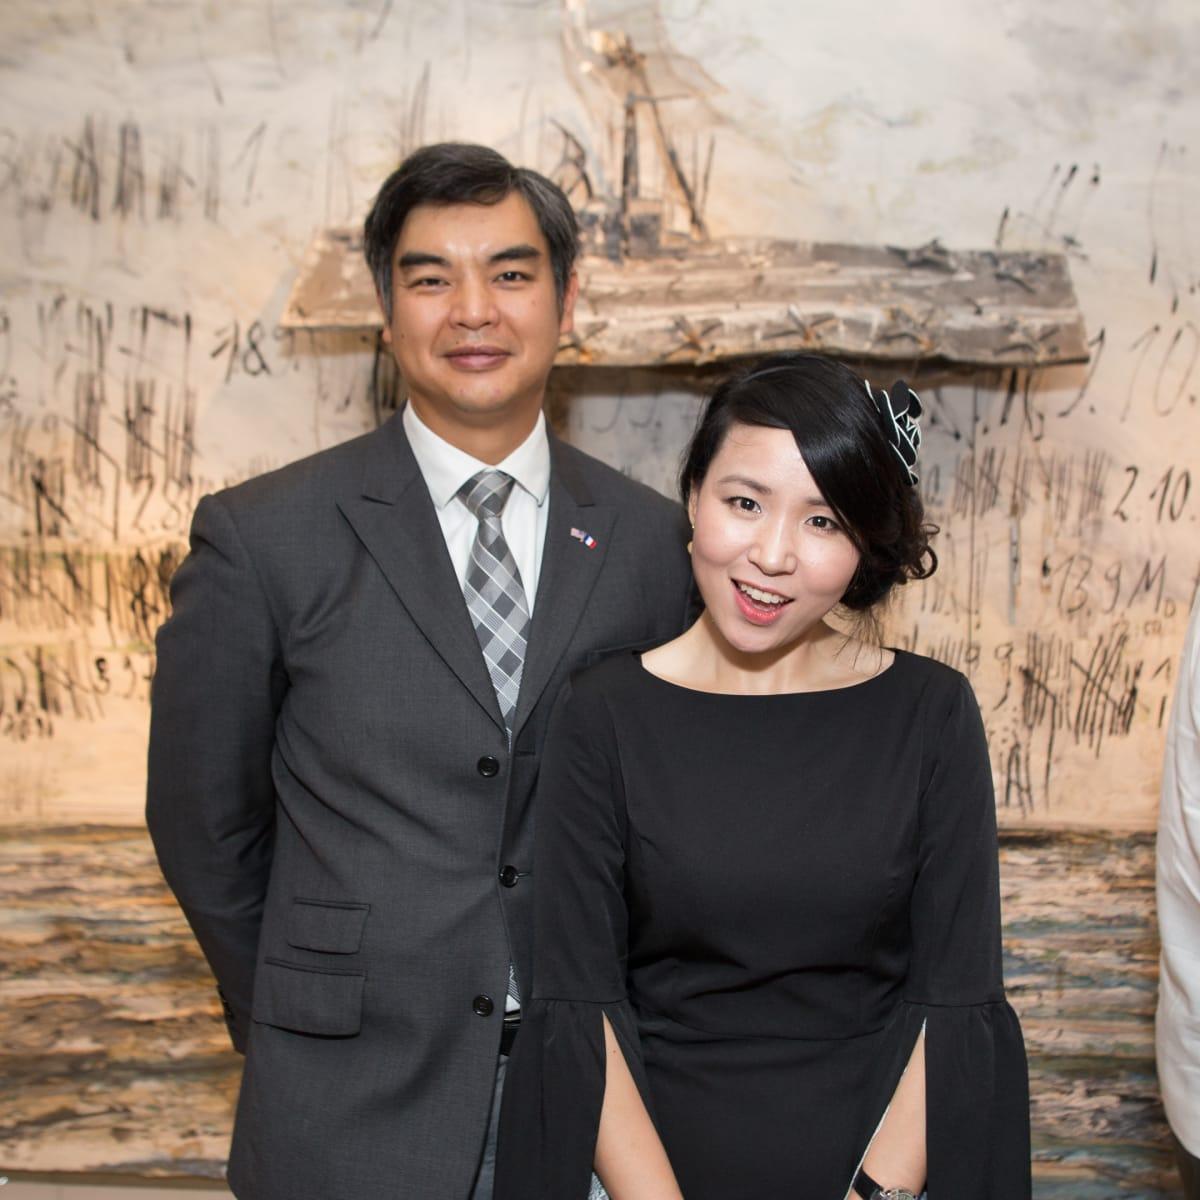 News, Shelby, Fine Art Fair Kick-off, Sept. 2015,Sujiro Seam, Muyi-Jane Ren